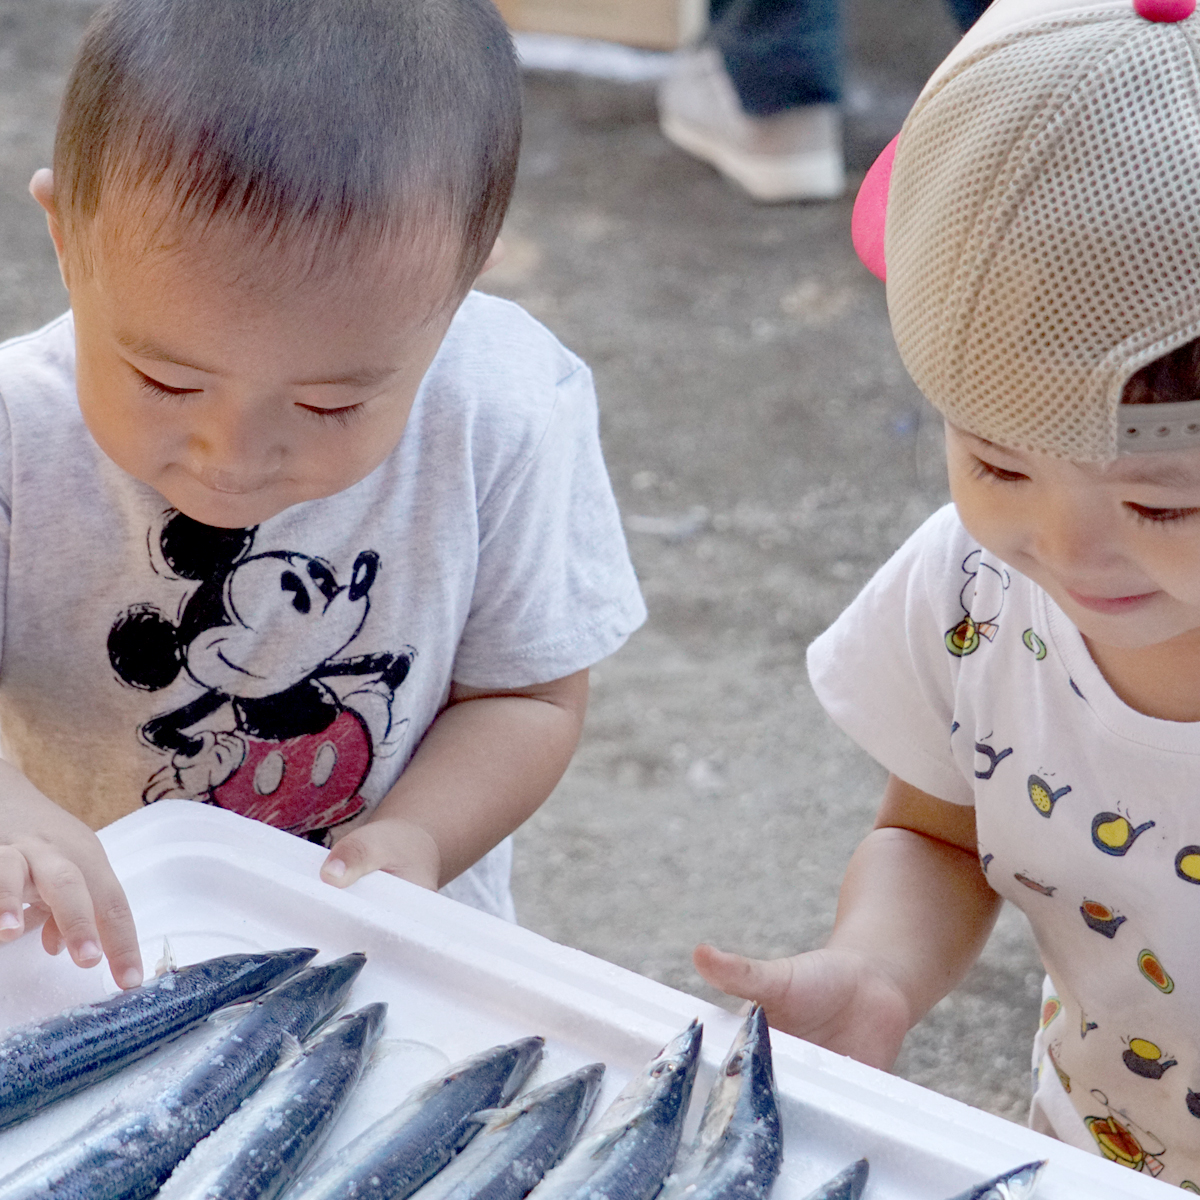 所沢市のあかね保育園のサンマ焼きバーティーの子どもとサンマの画像